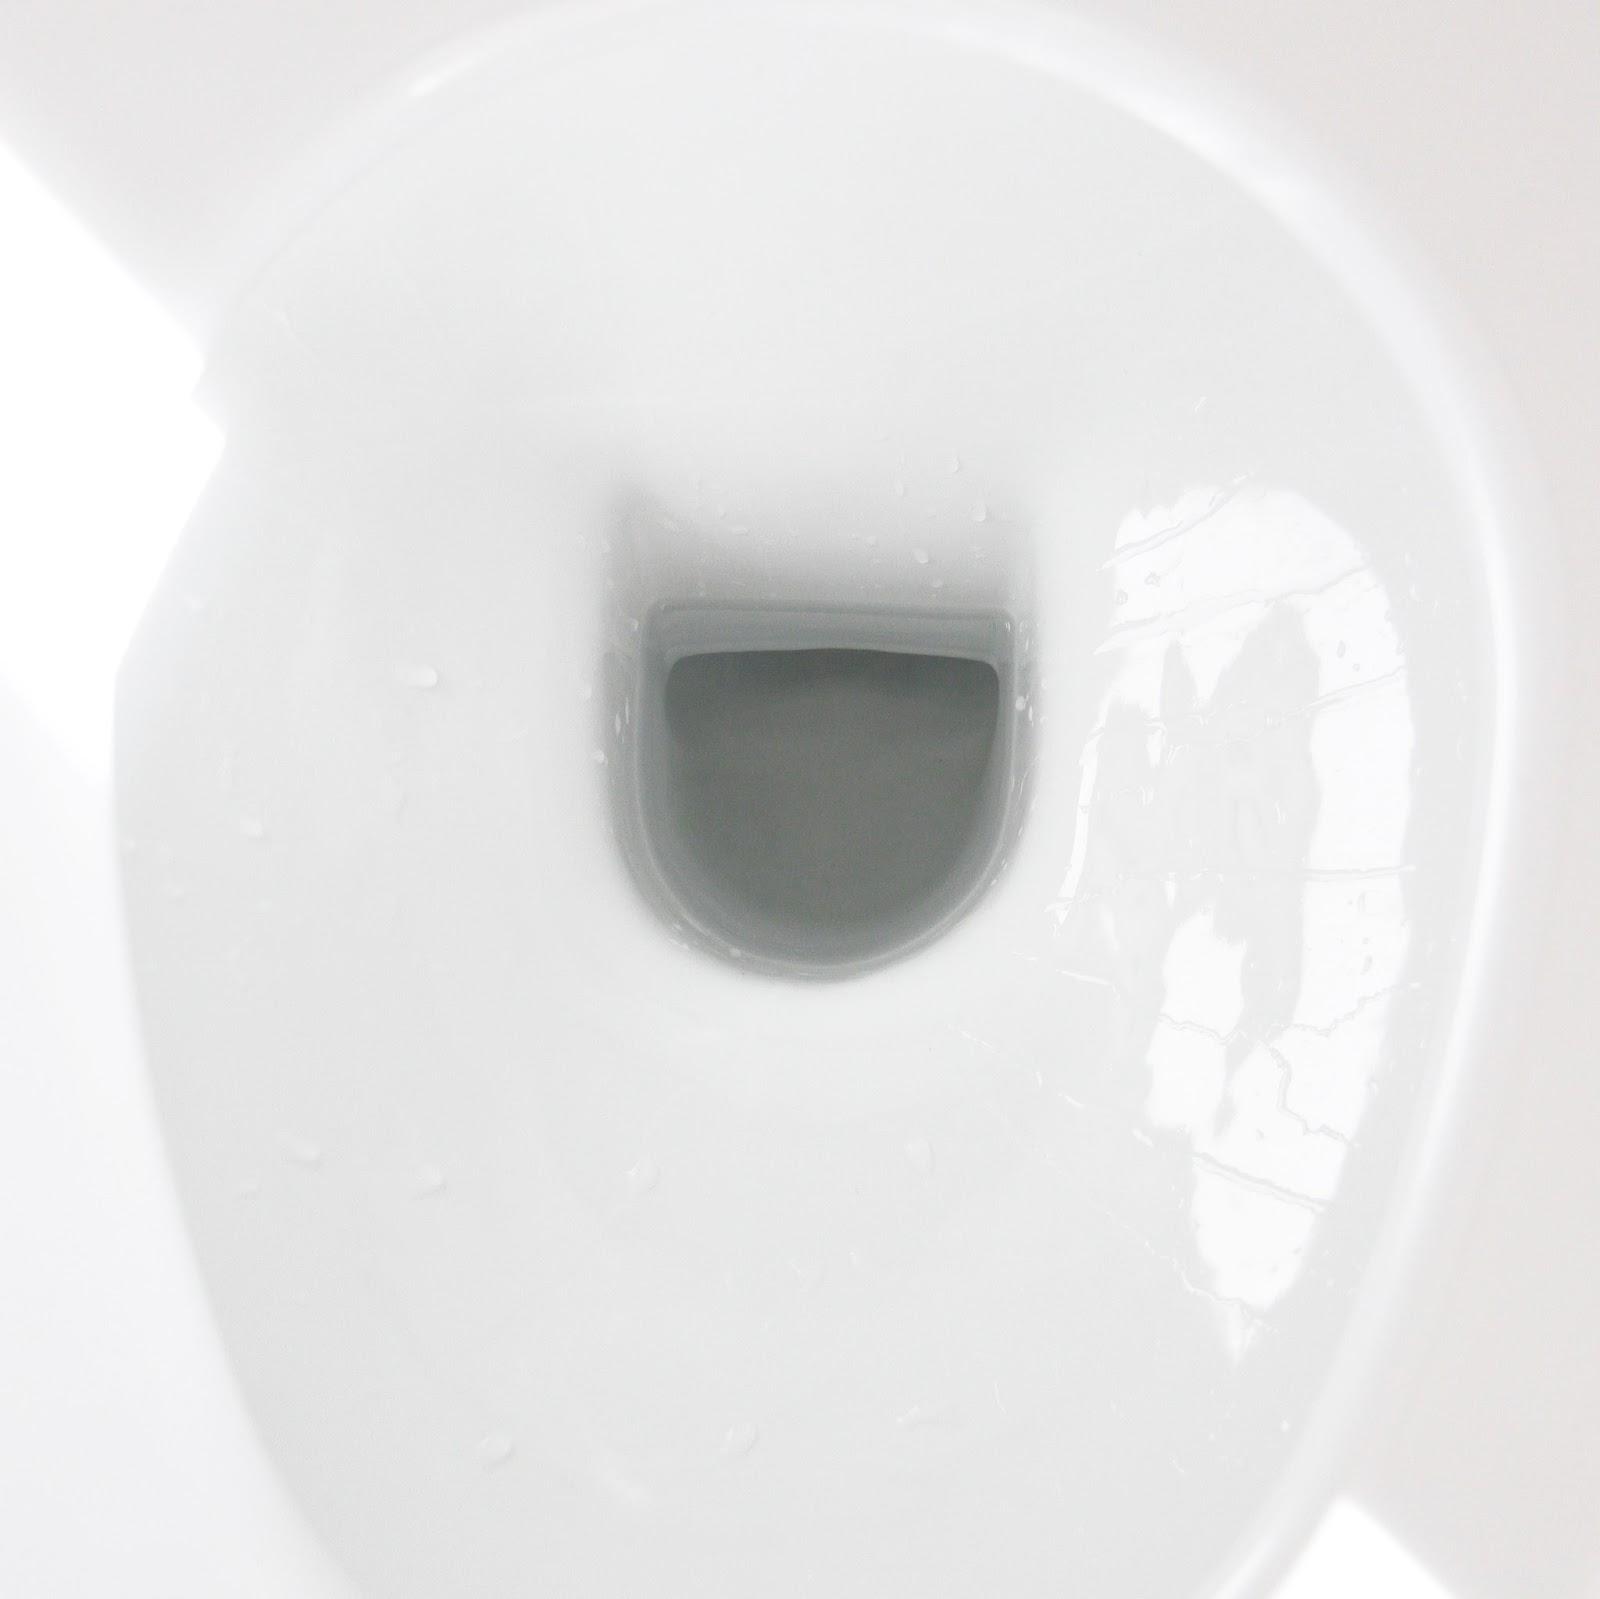 Merci Raoul  Recette facile et naturelle pour décaper vos toilettes! a21868c5b75